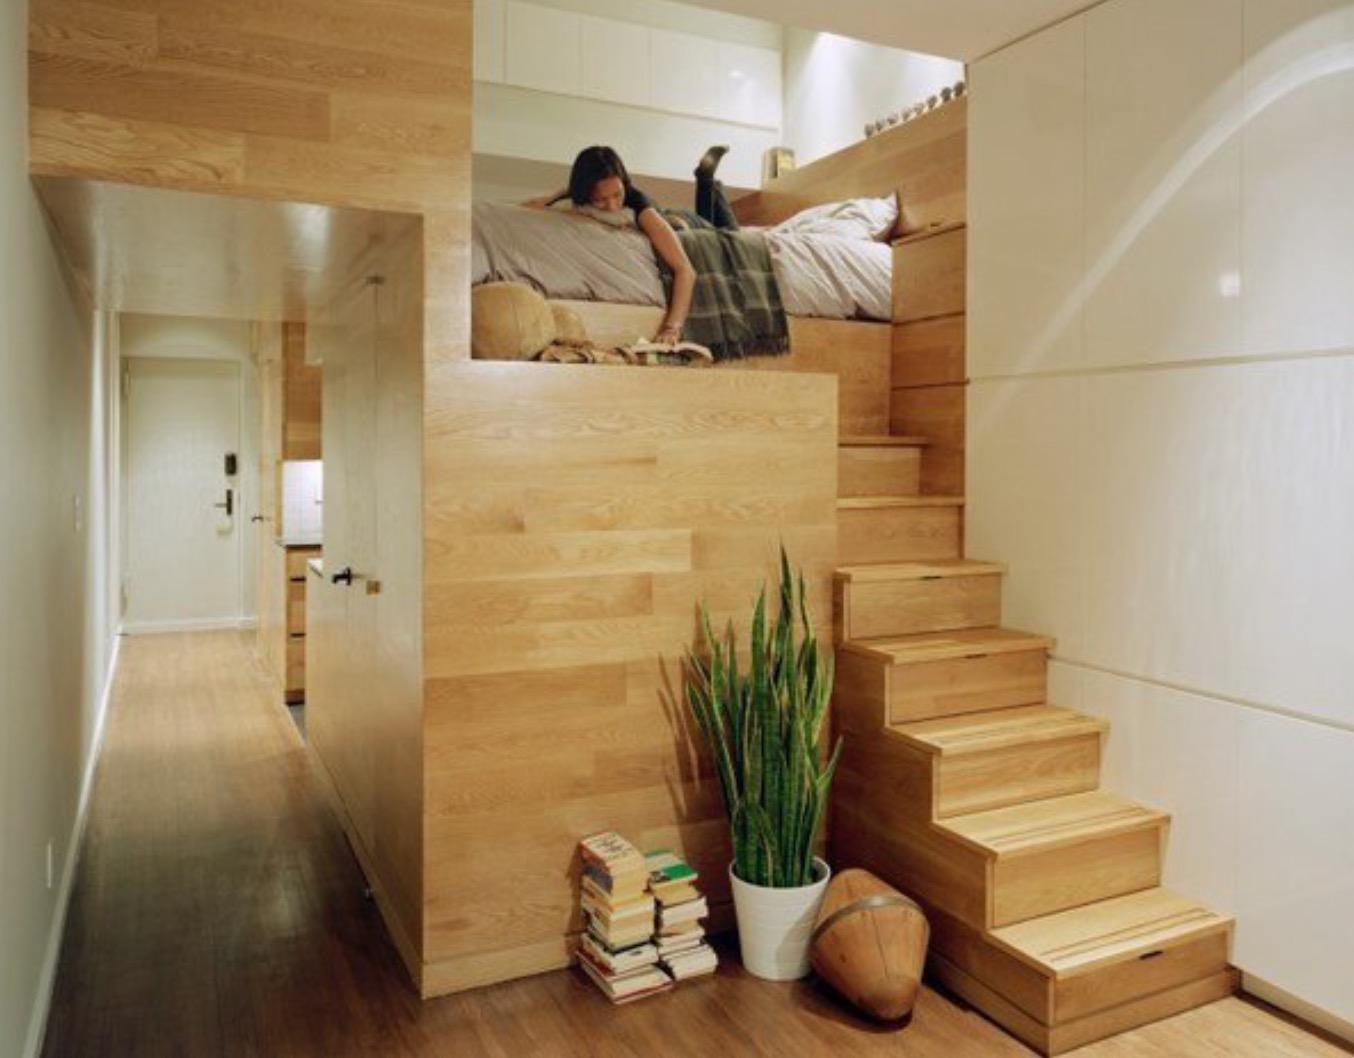 Platzmangel Coole Ideen Fur Eine Kleine Wohnung Nettetipps De